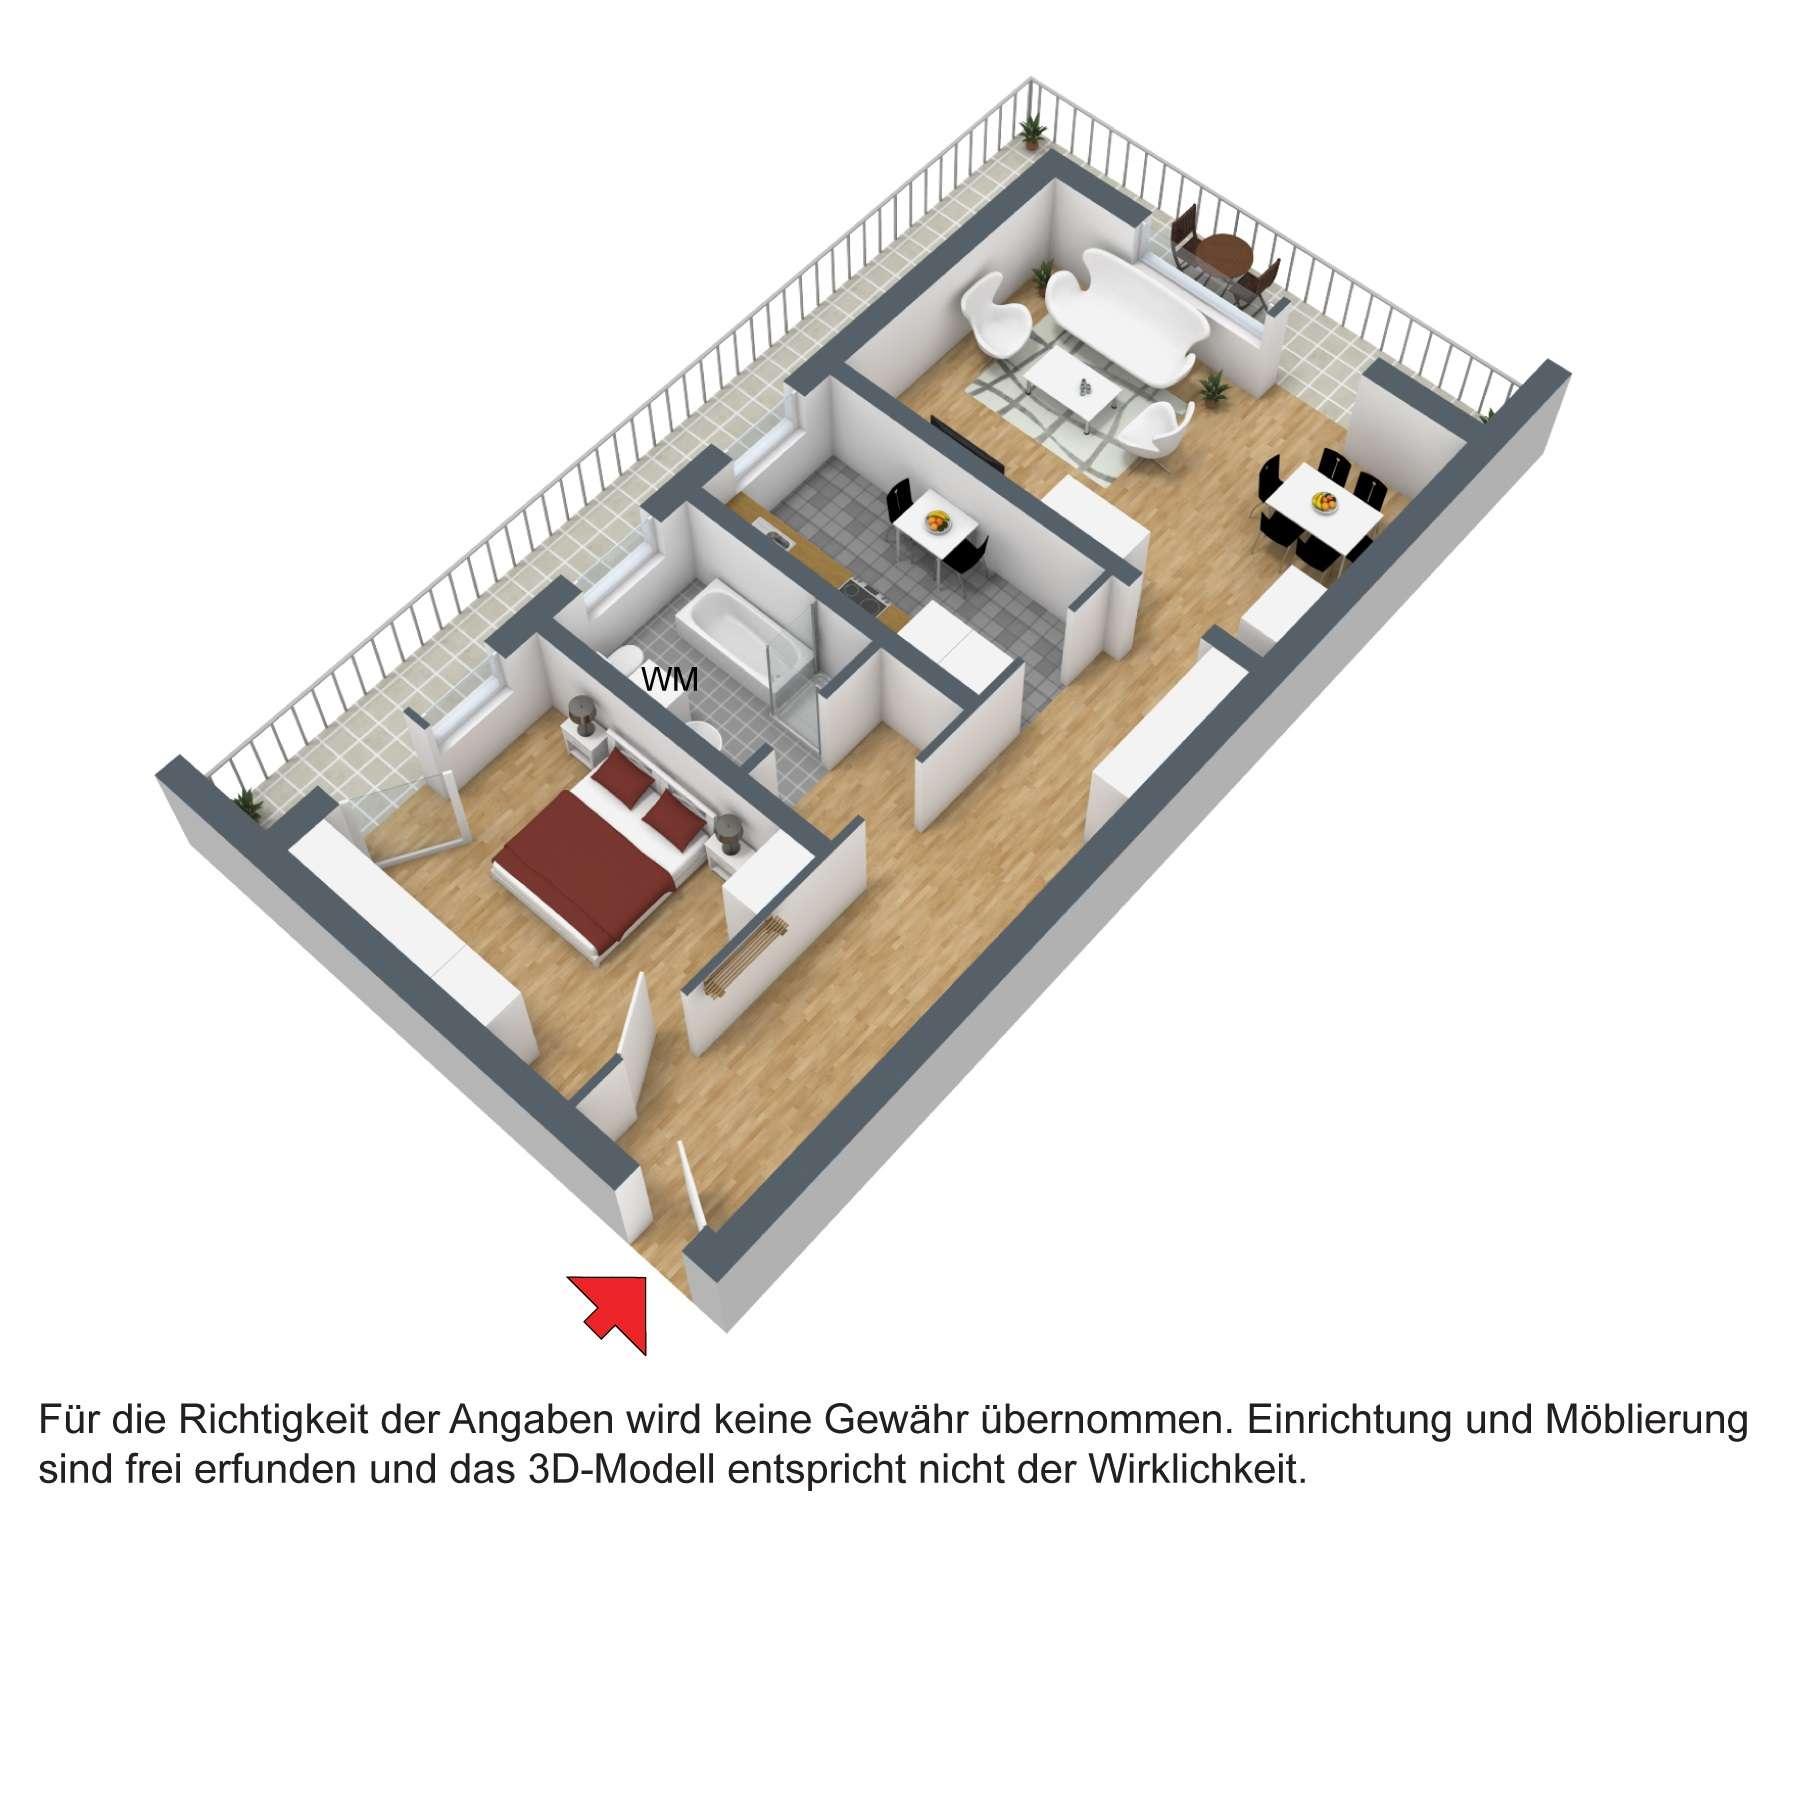 Geräumige 2-Zimmer-Wohnung in Deggendorf in